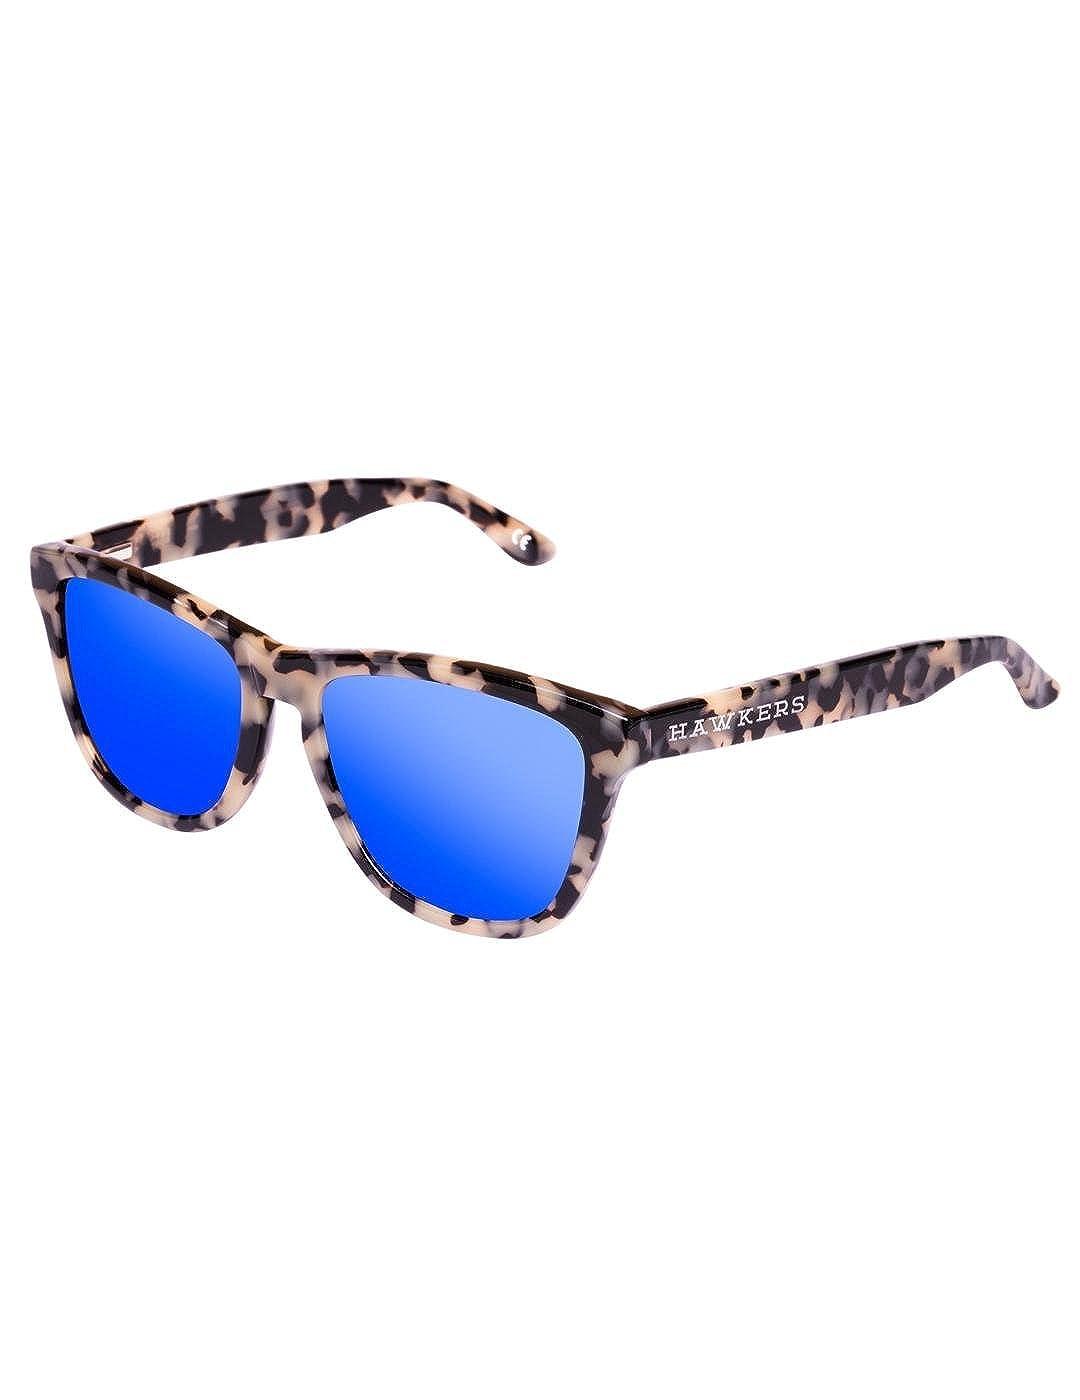 HAWKERS · ONE X · Gafas de sol para hombre...